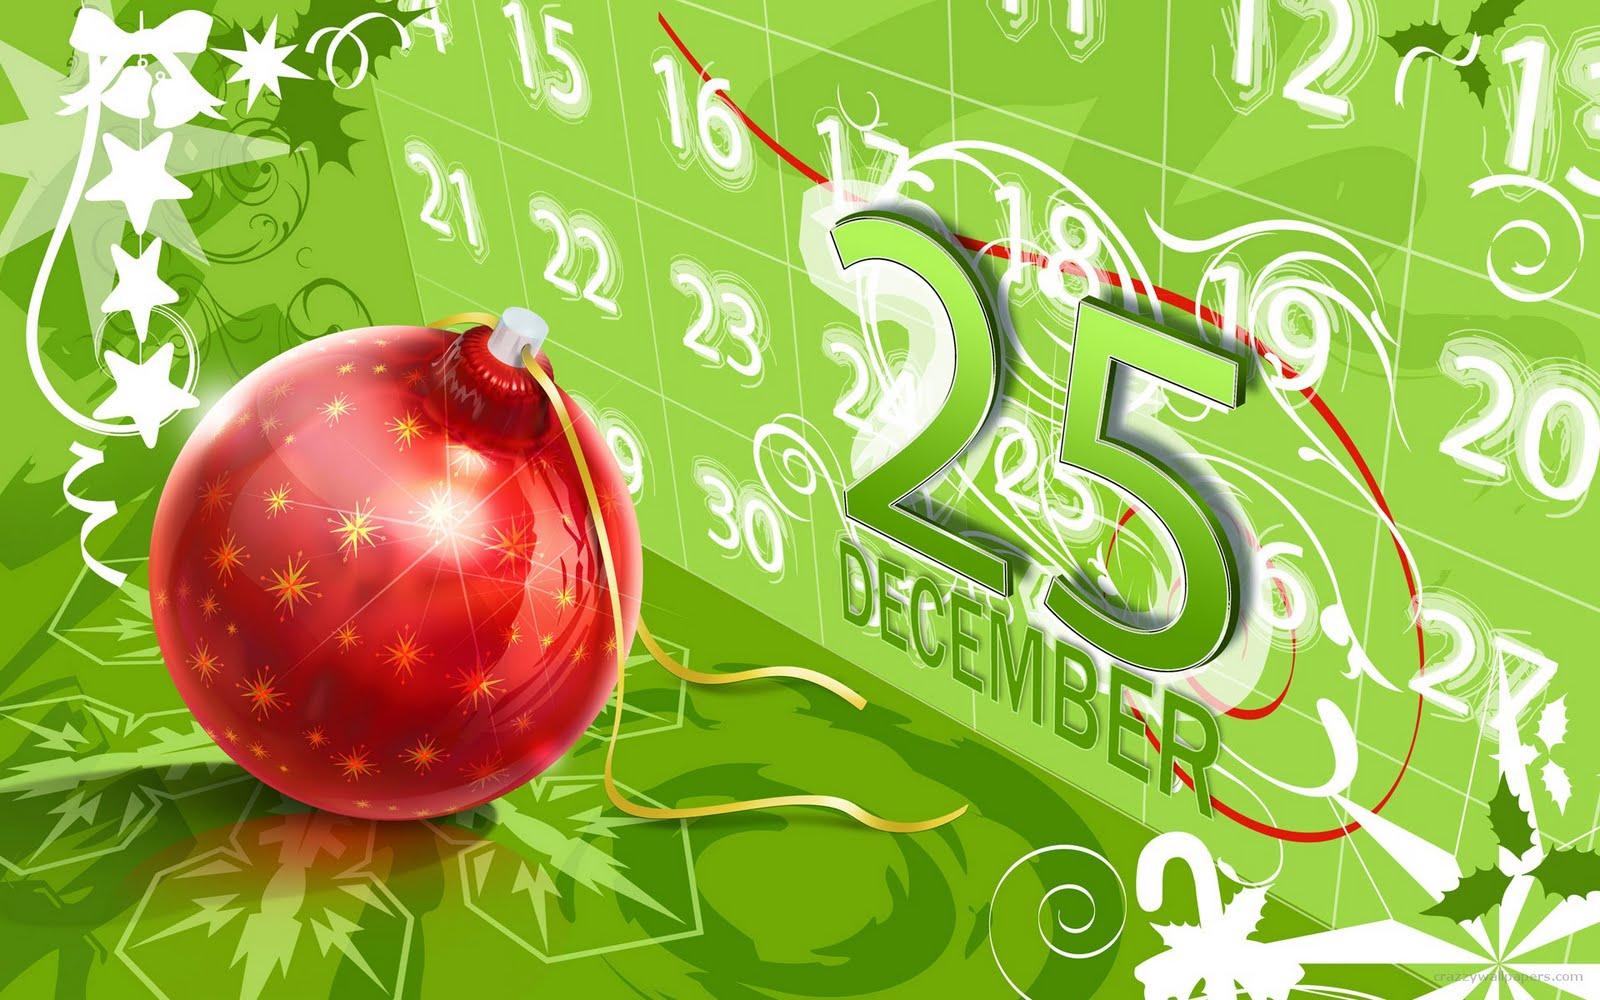 http://4.bp.blogspot.com/-CRwBof8bKeI/Tulg_dkThtI/AAAAAAAADvg/TiLxQlc4OCA/s1600-d/Merry.Christmas.15.jpg